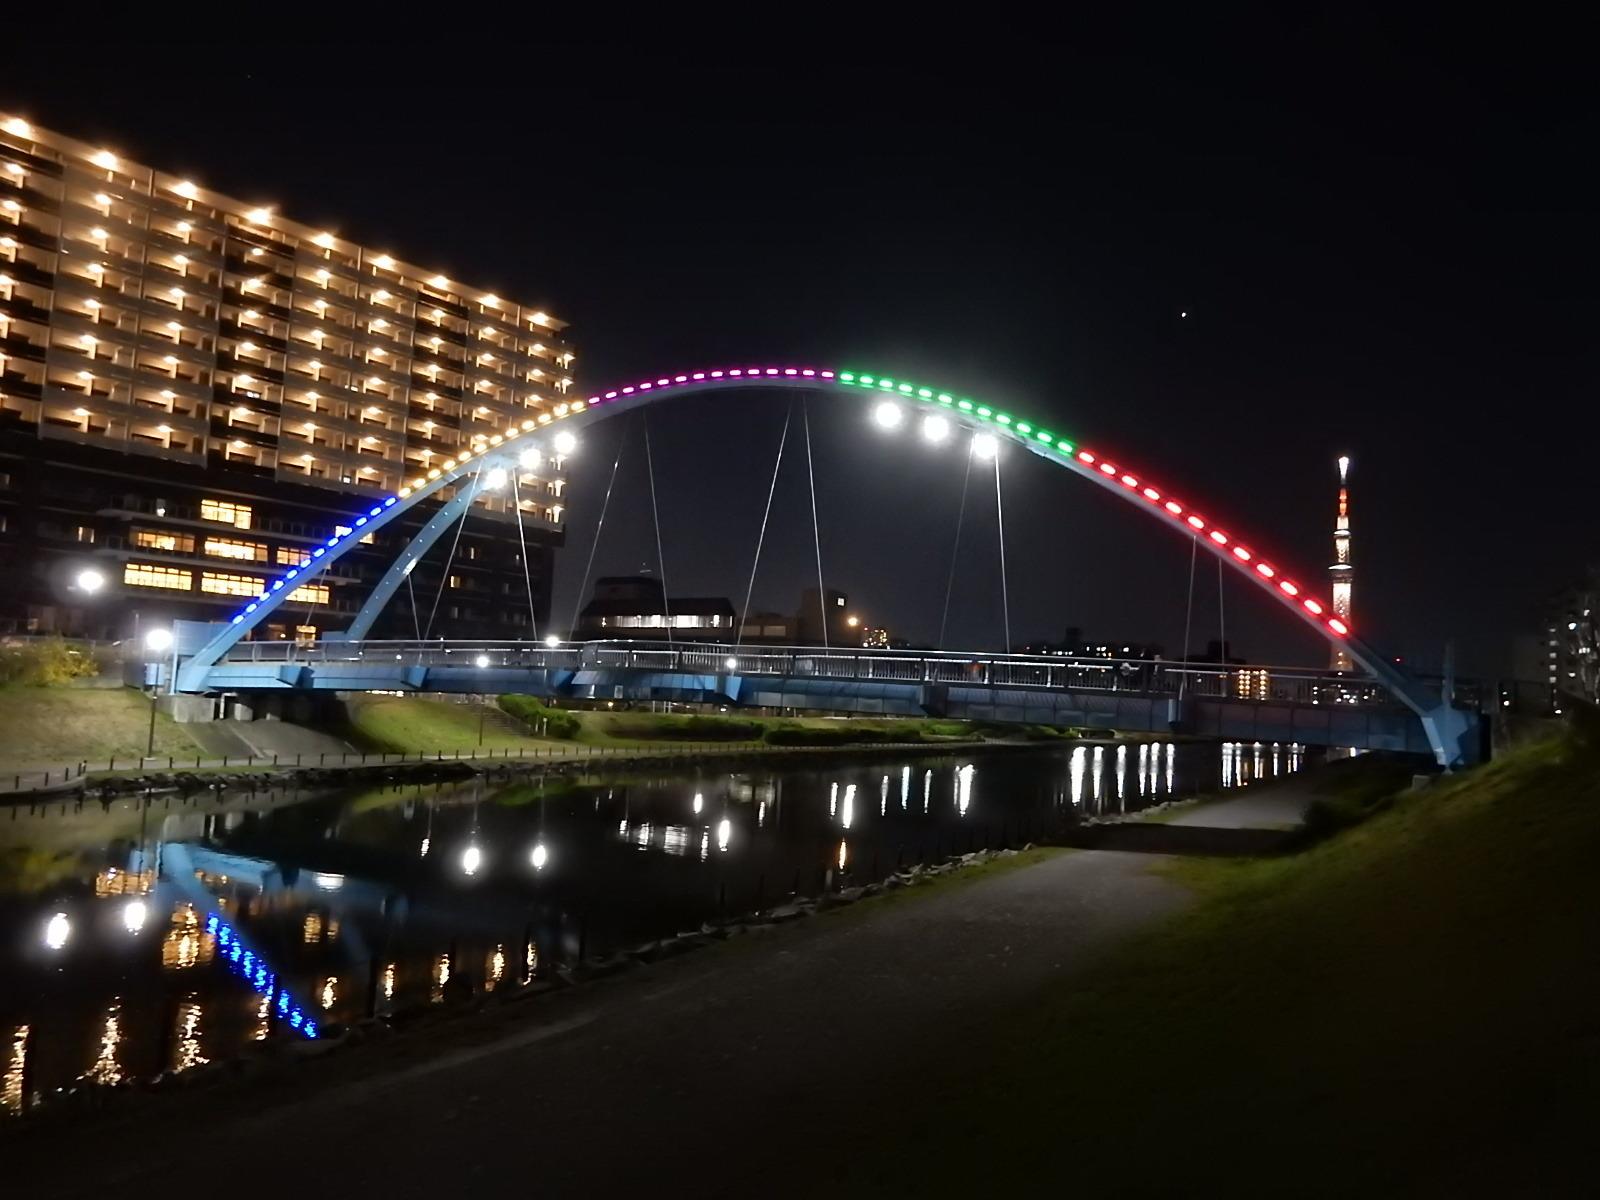 ライトアップされたふれあい橋と東京スカイツリー